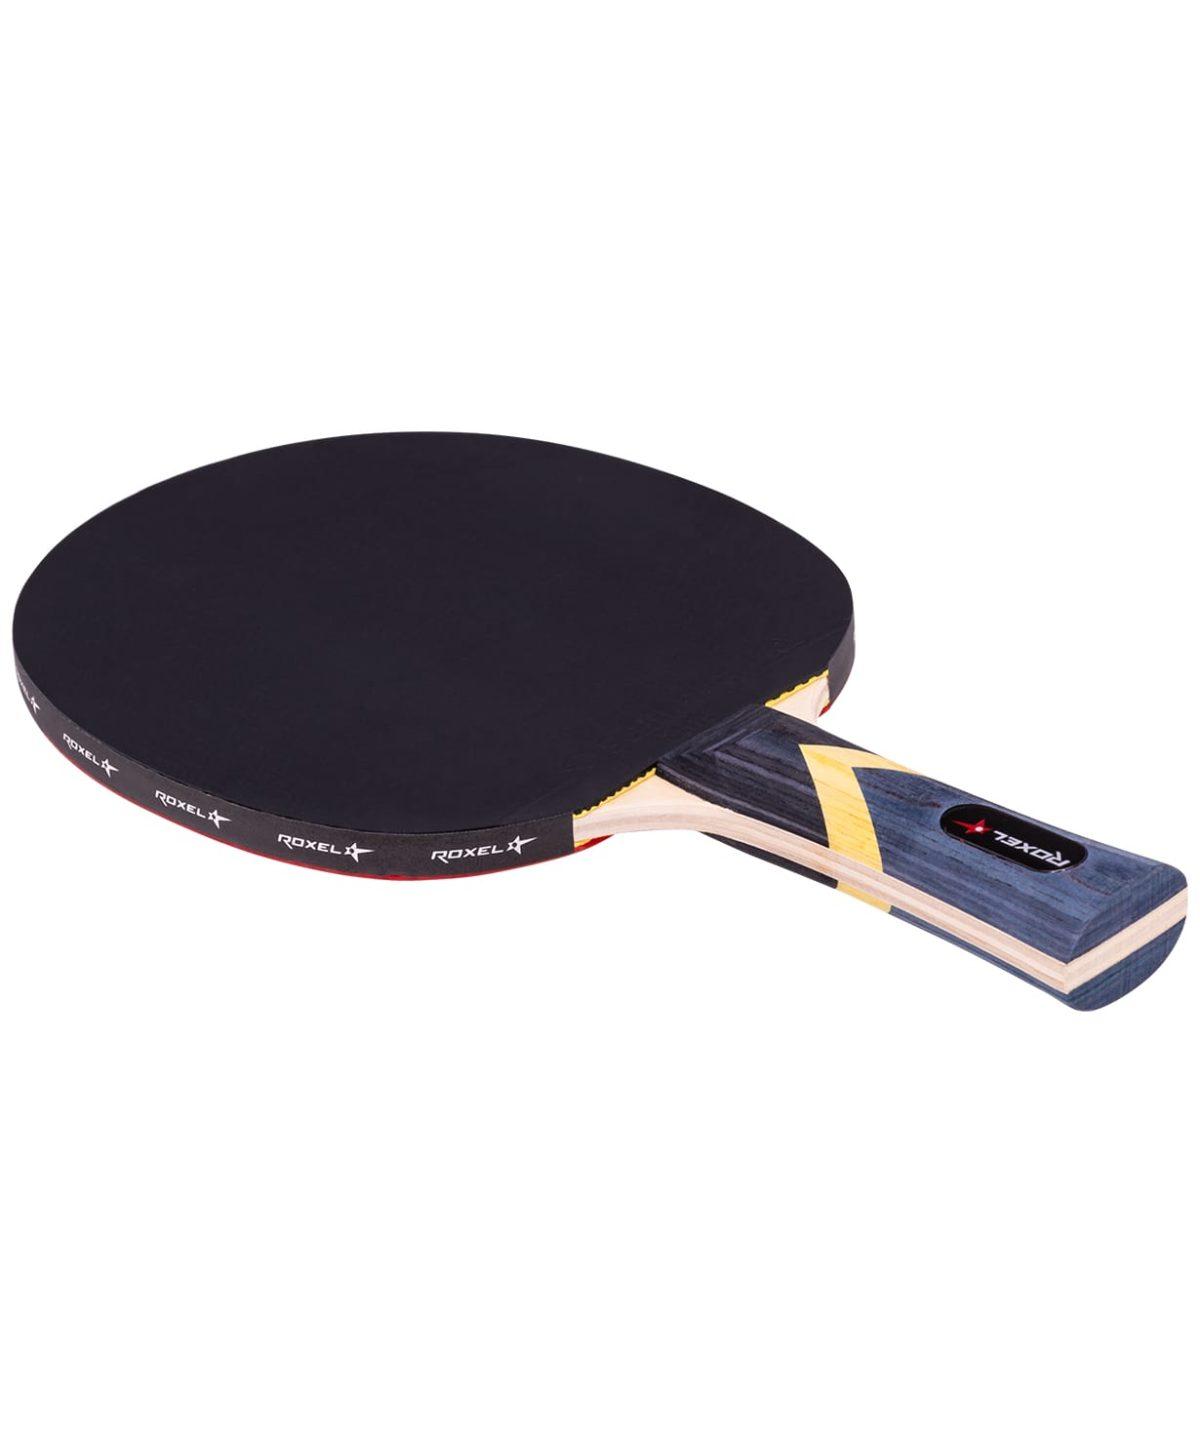 ROXEL 2* Blaze  Ракетка для настольного тенниса, коническая  15356 - 3